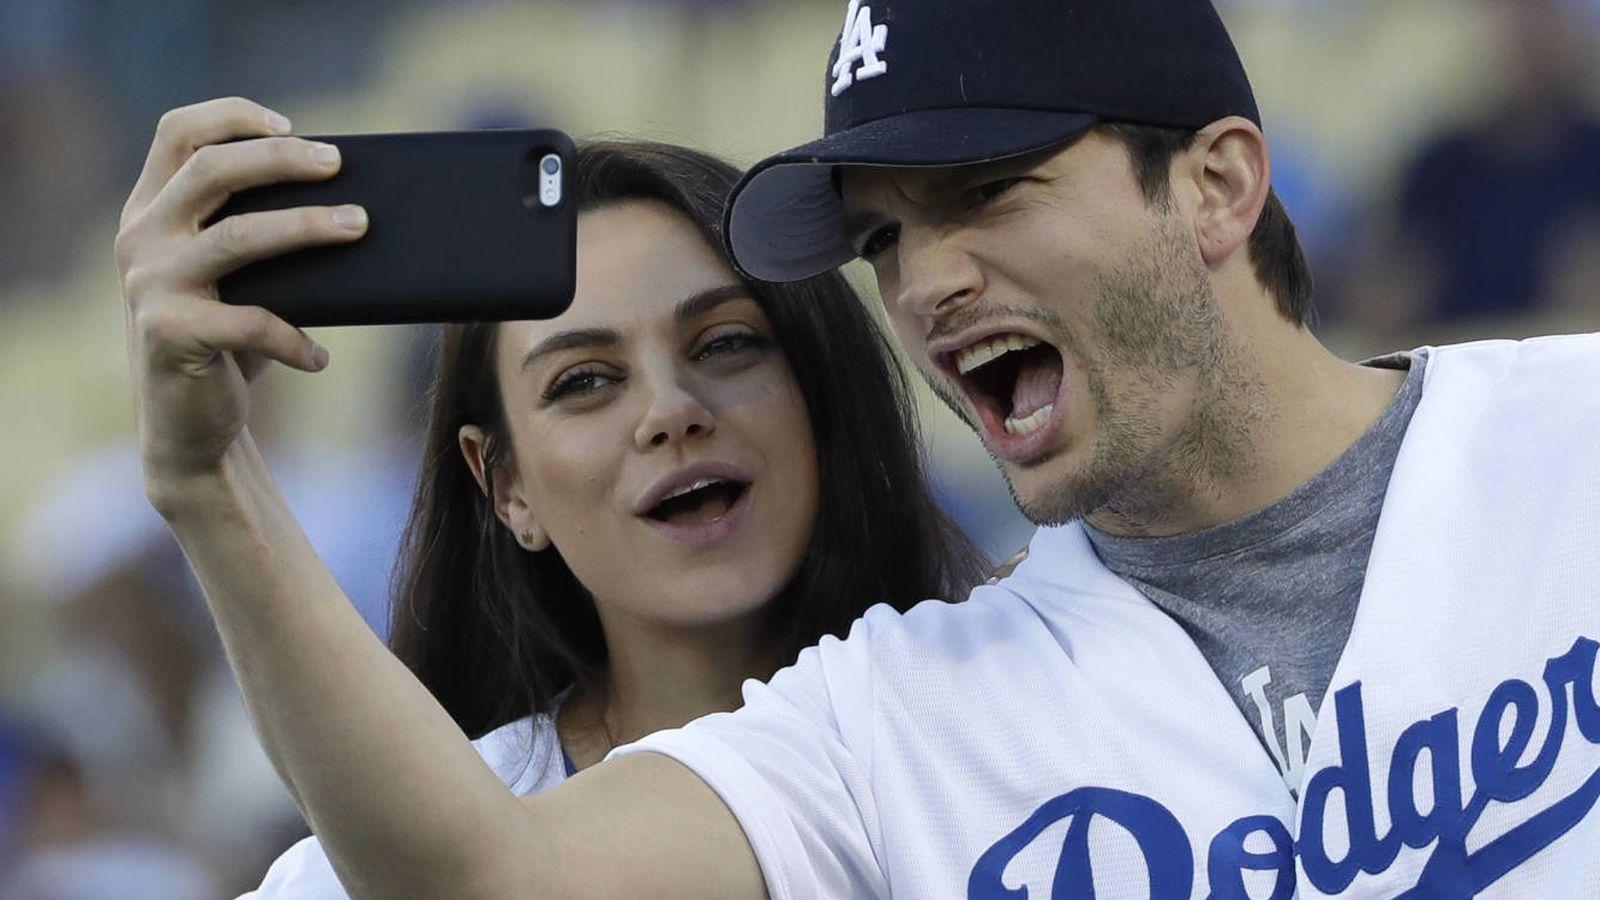 Foto: La pareja de actores, Mila Kunis y Ashton Kutcher, en una imagen de archivo. (Gtres)